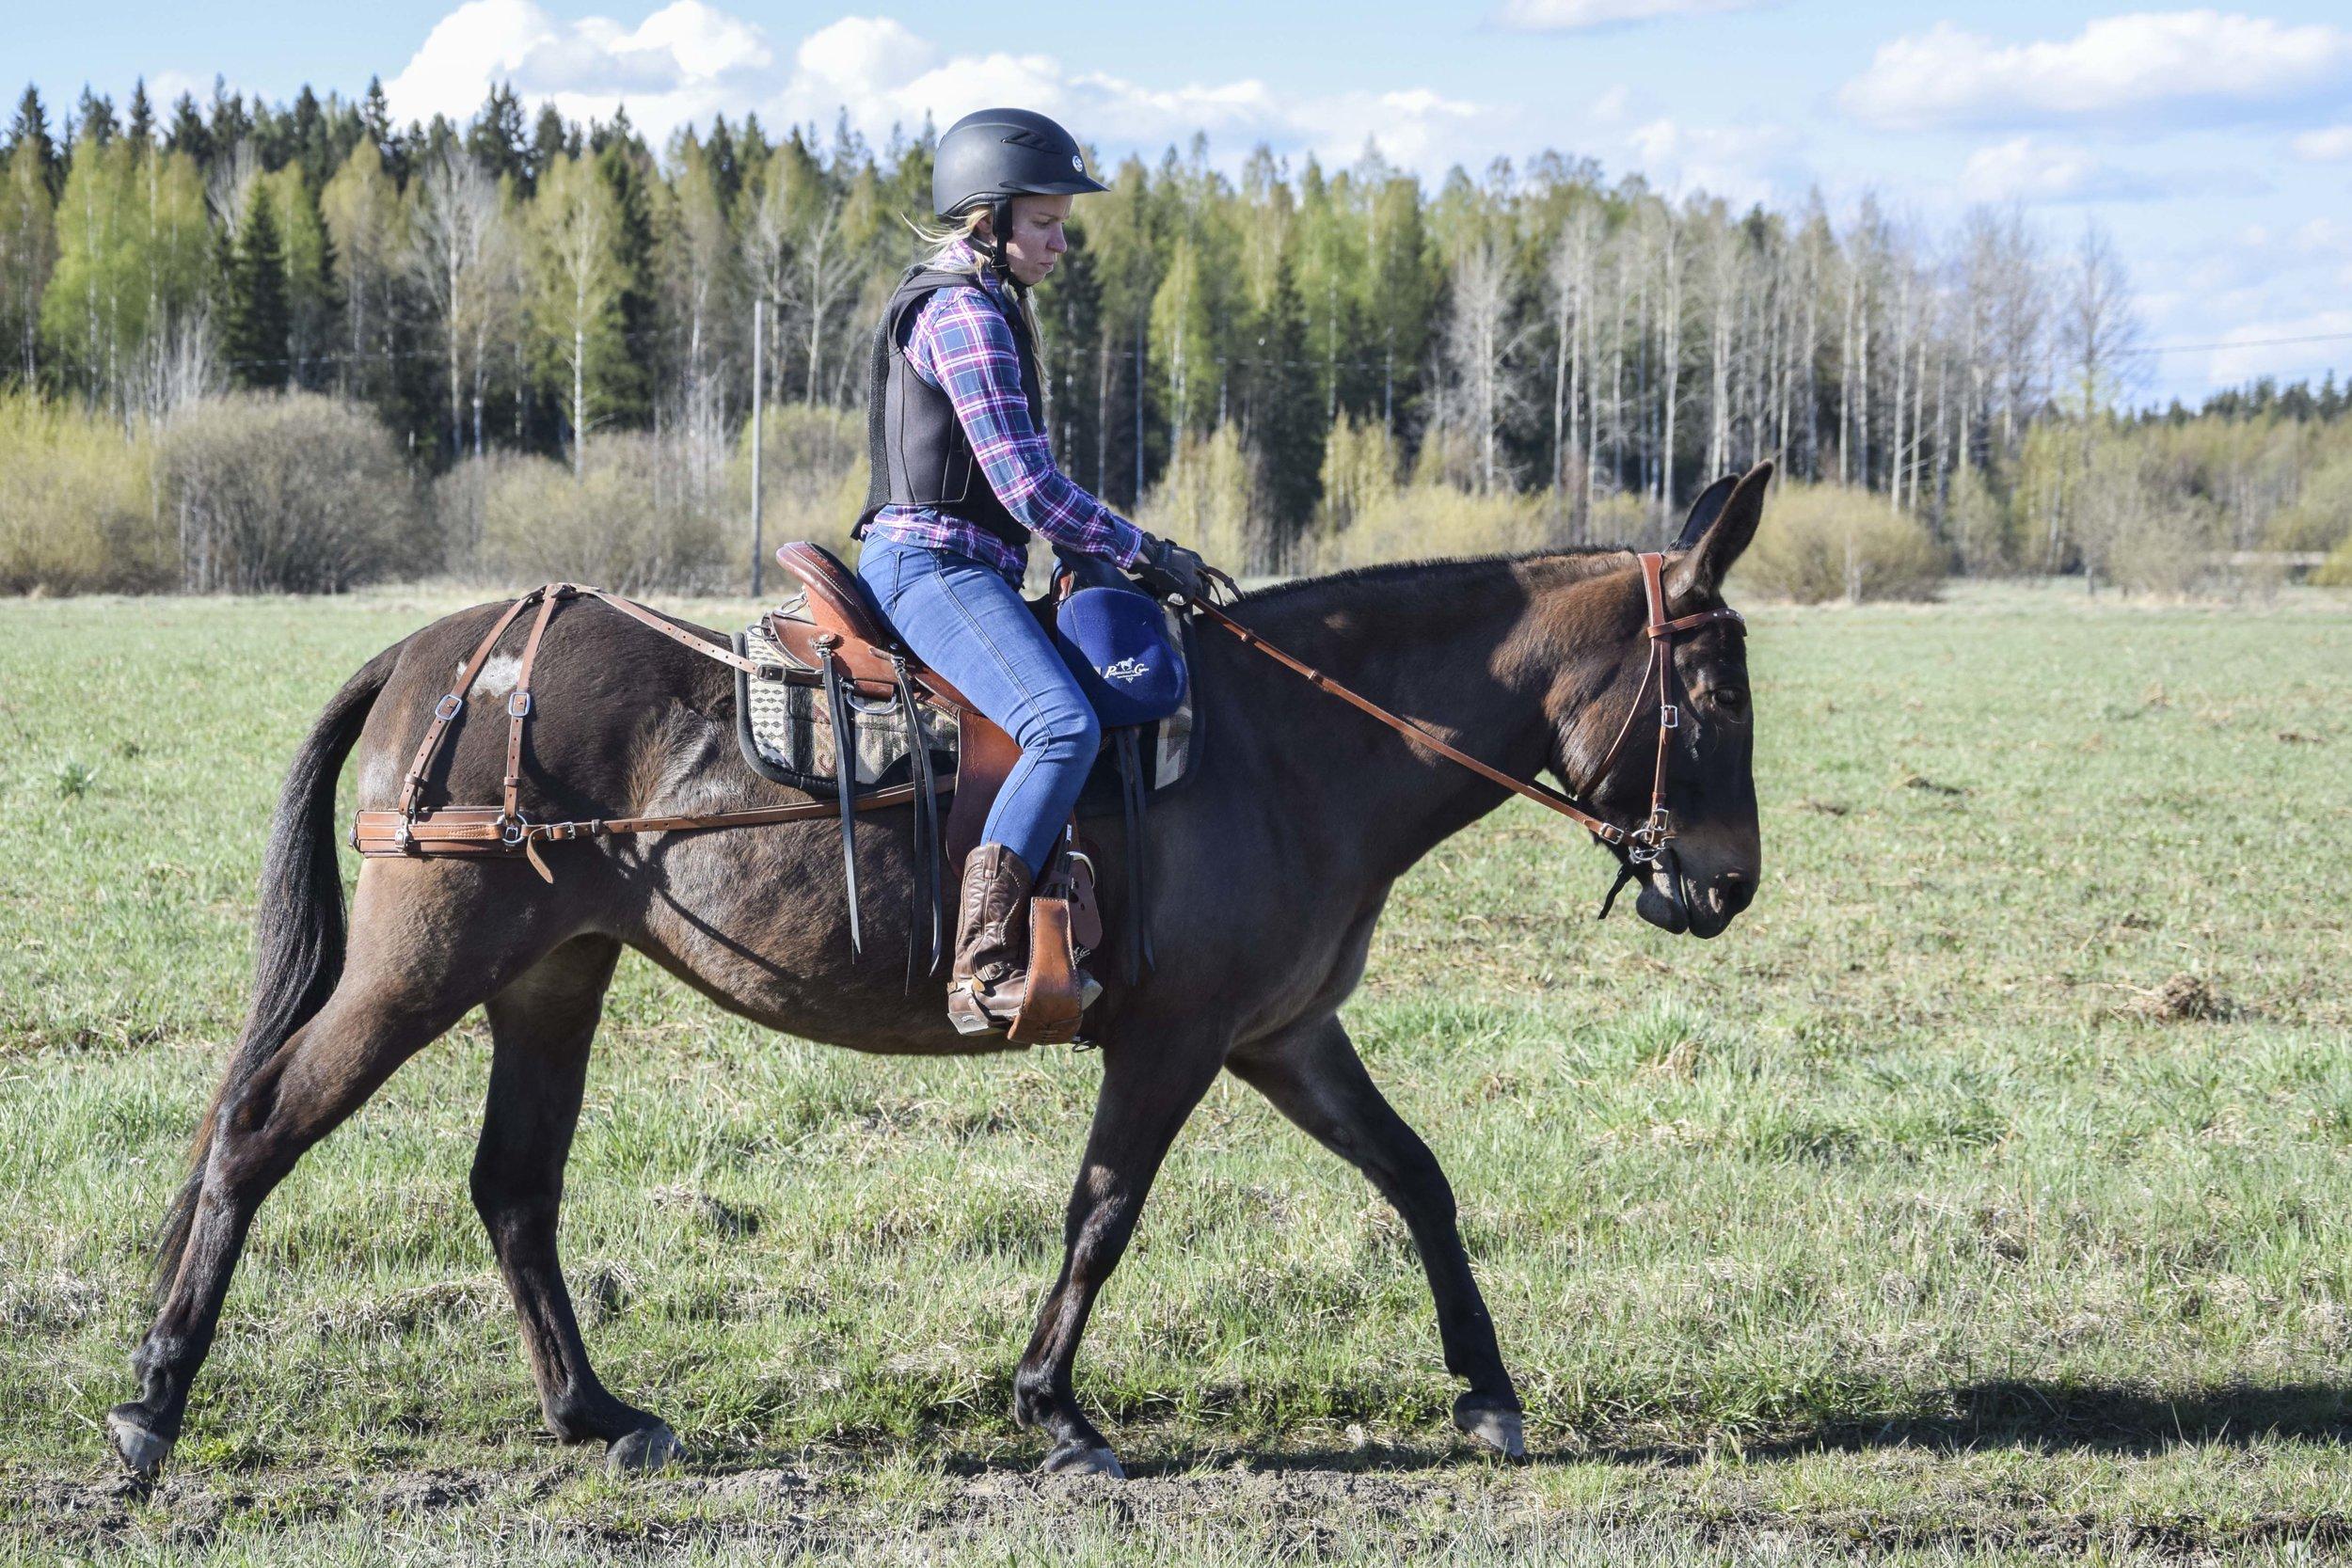 Kaisa & Muuli. Photo by Emmi Jormanainen